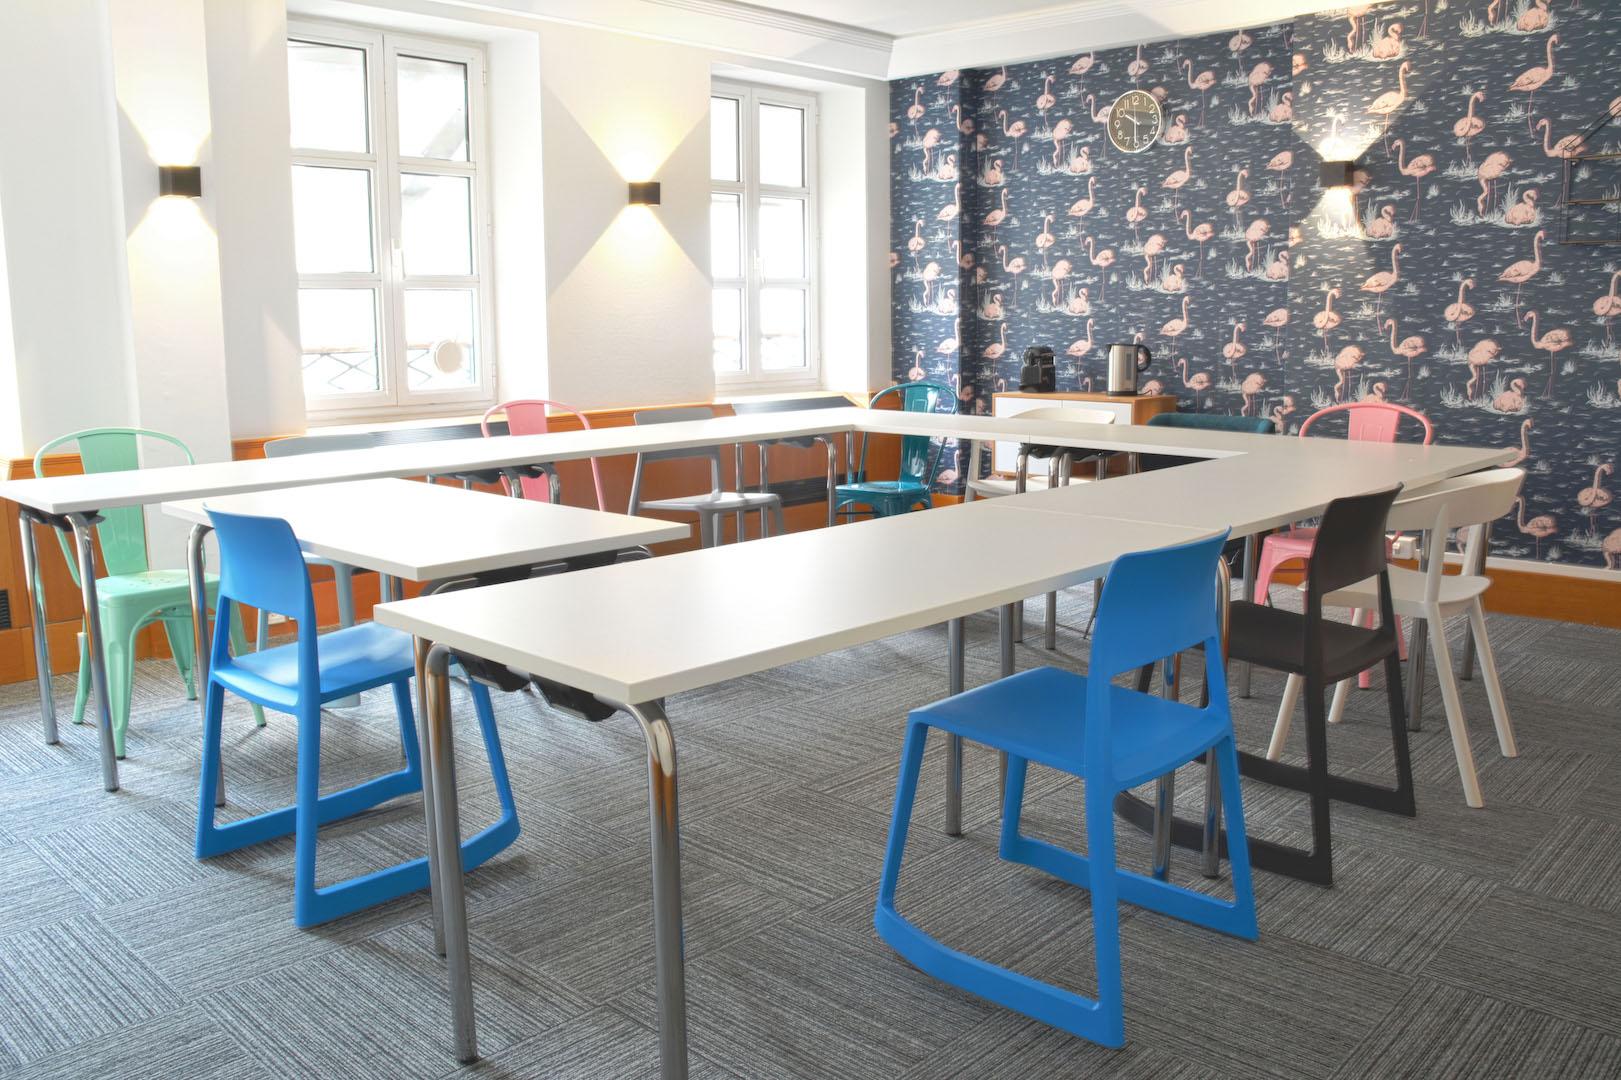 salle de réunion pour quatorze personnes dans un espace spacieux et lumineux à la décoration atypique et colorée à louer dans Paris